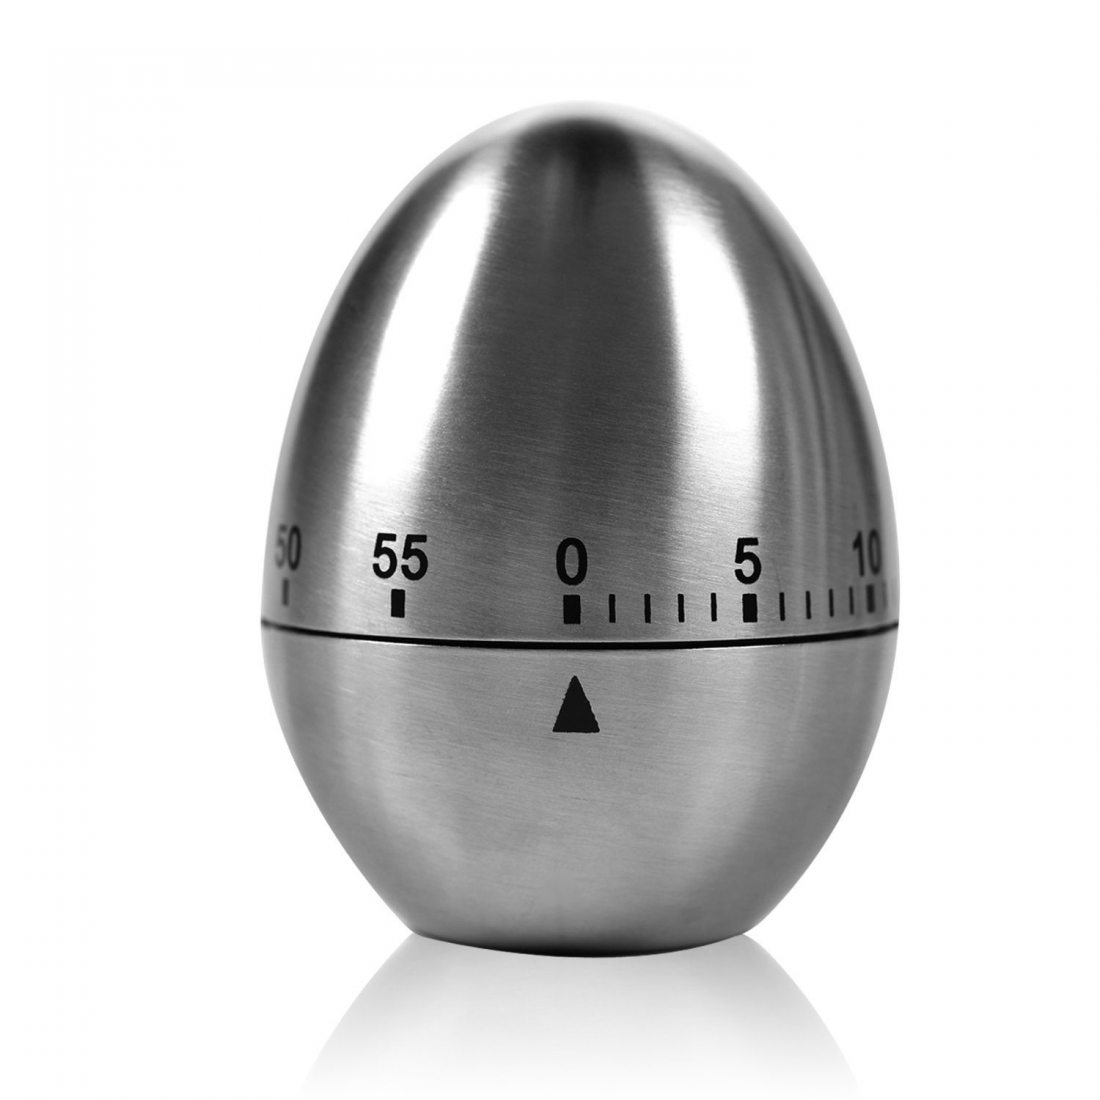 Minuteur Oeuf - Kasos Minuterie de Cuisine en Acier Inoxydable Minuteur Mécanique Alarme de Cuisson en Forme d'Oeuf 60 Minute